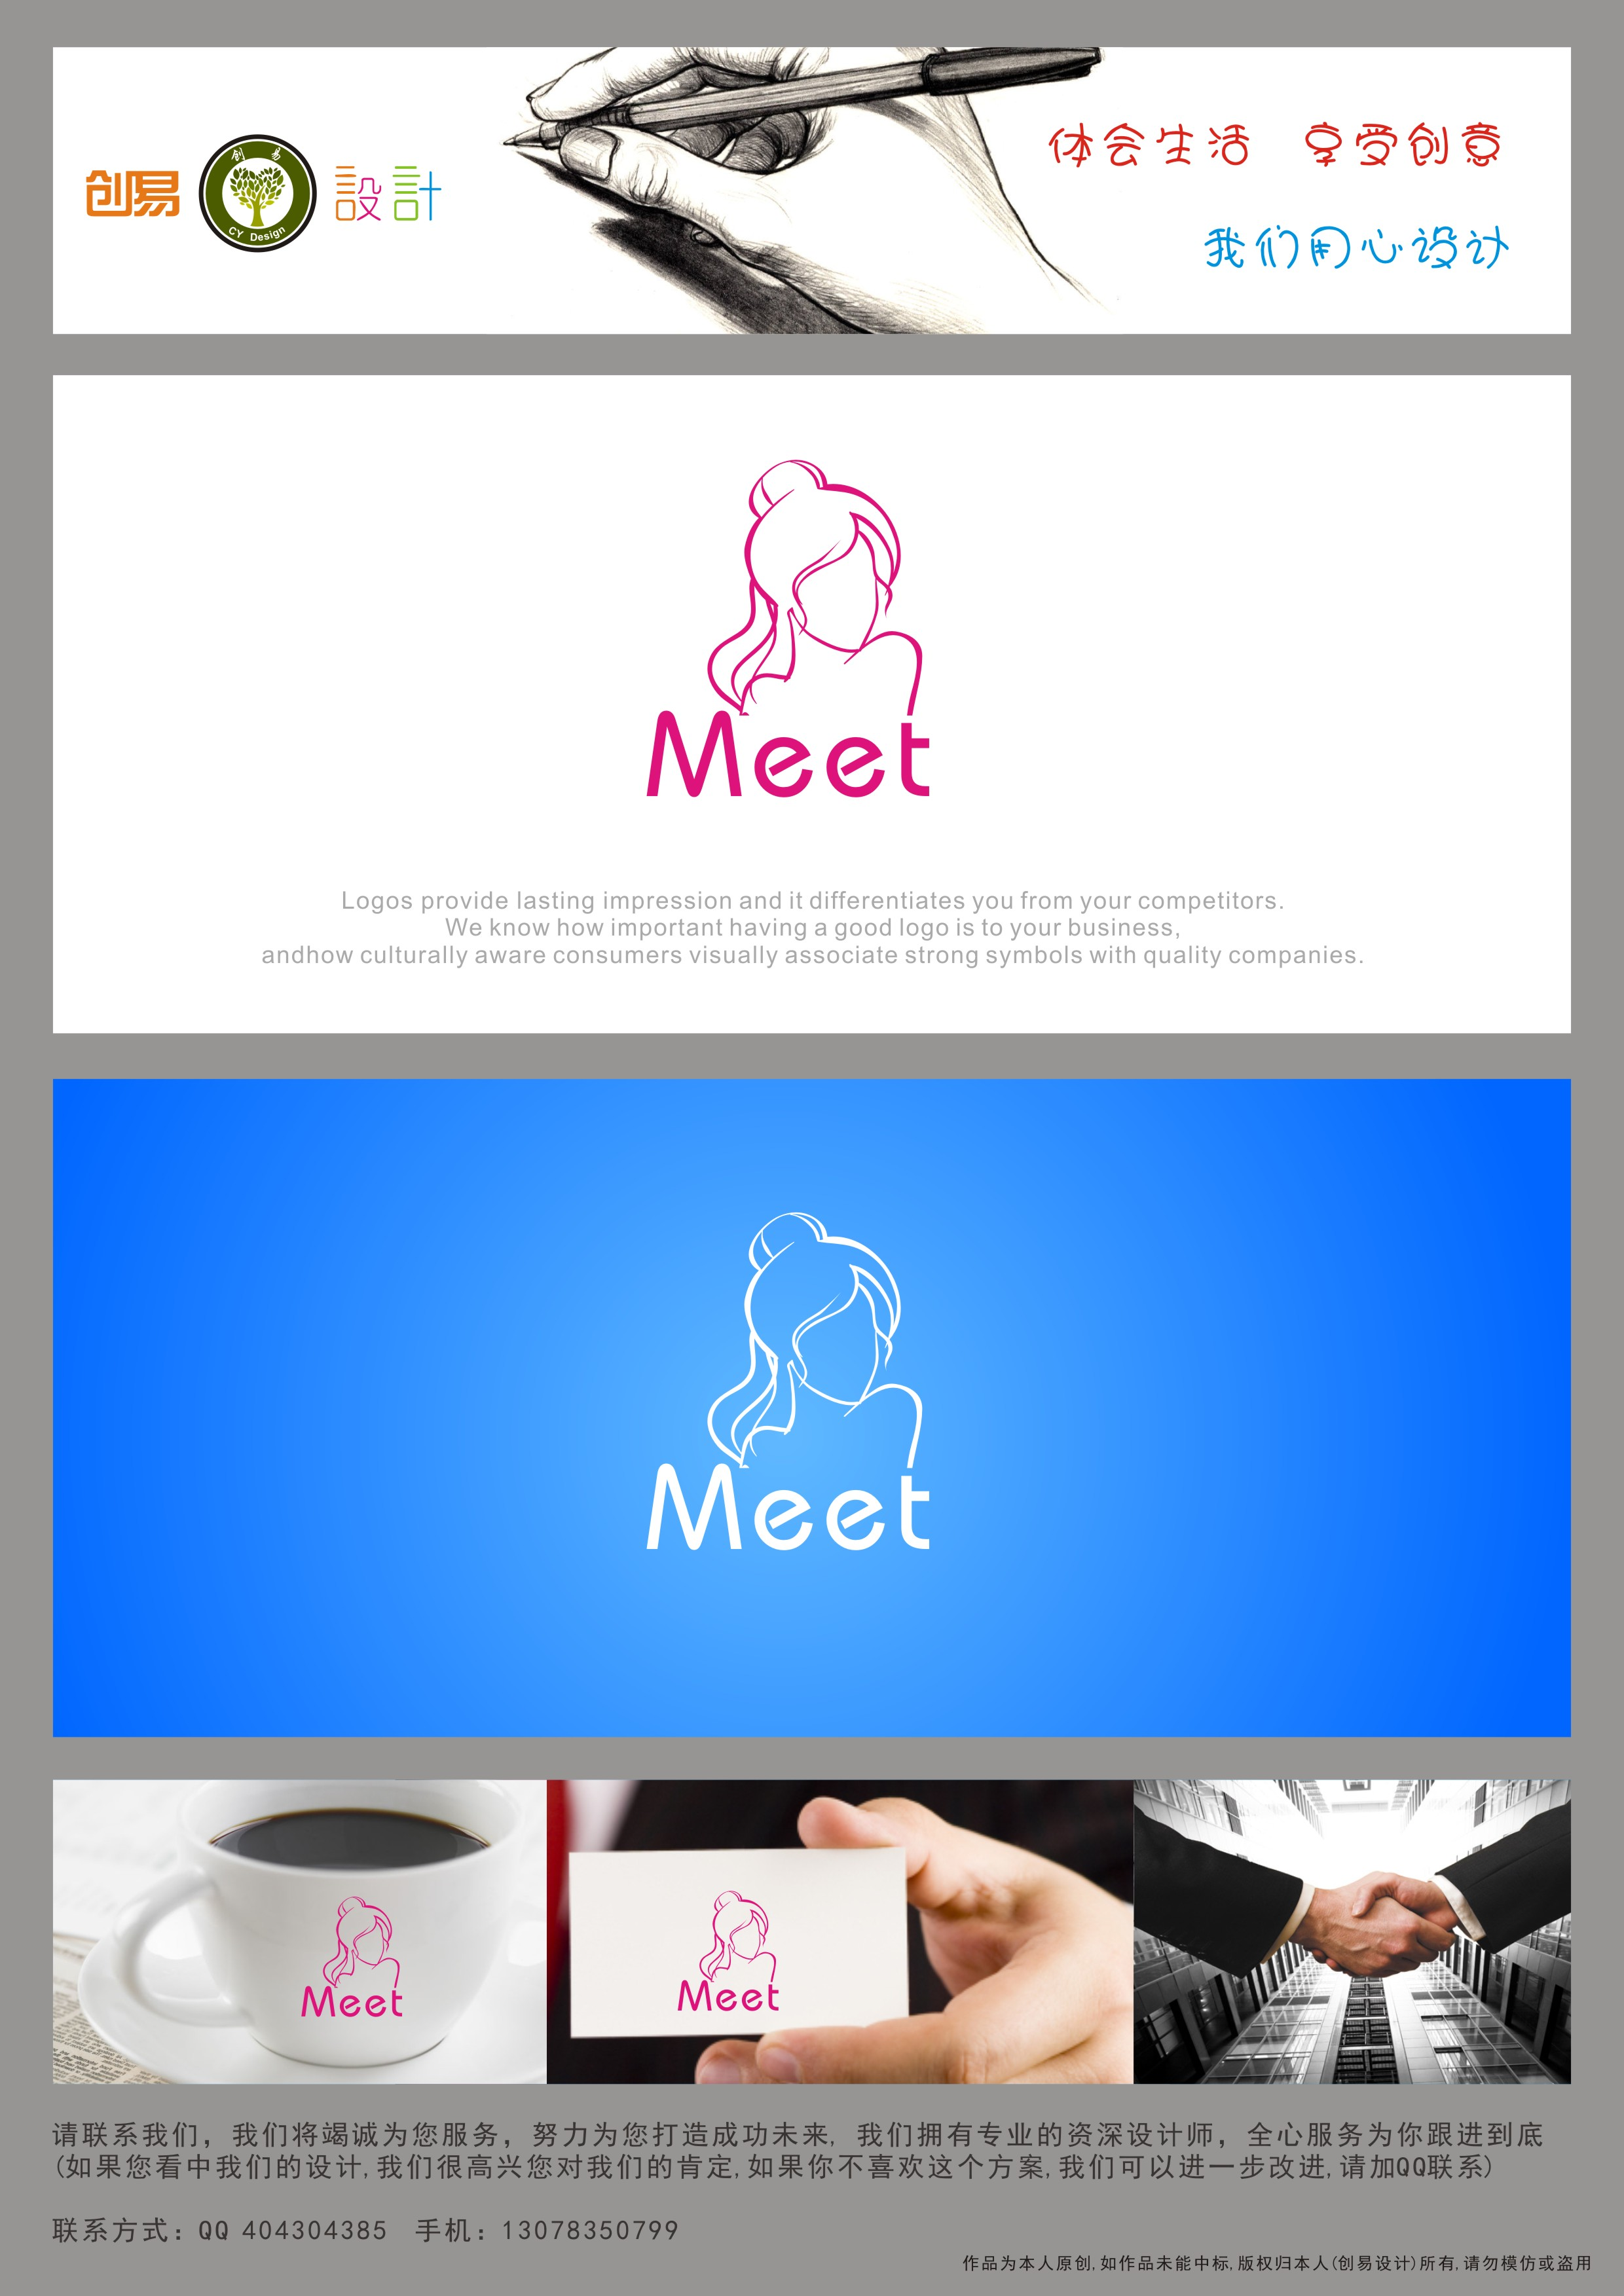 品牌策划,标志设计,视觉识别系统vi设计,画册设计,包装设计,dm广告